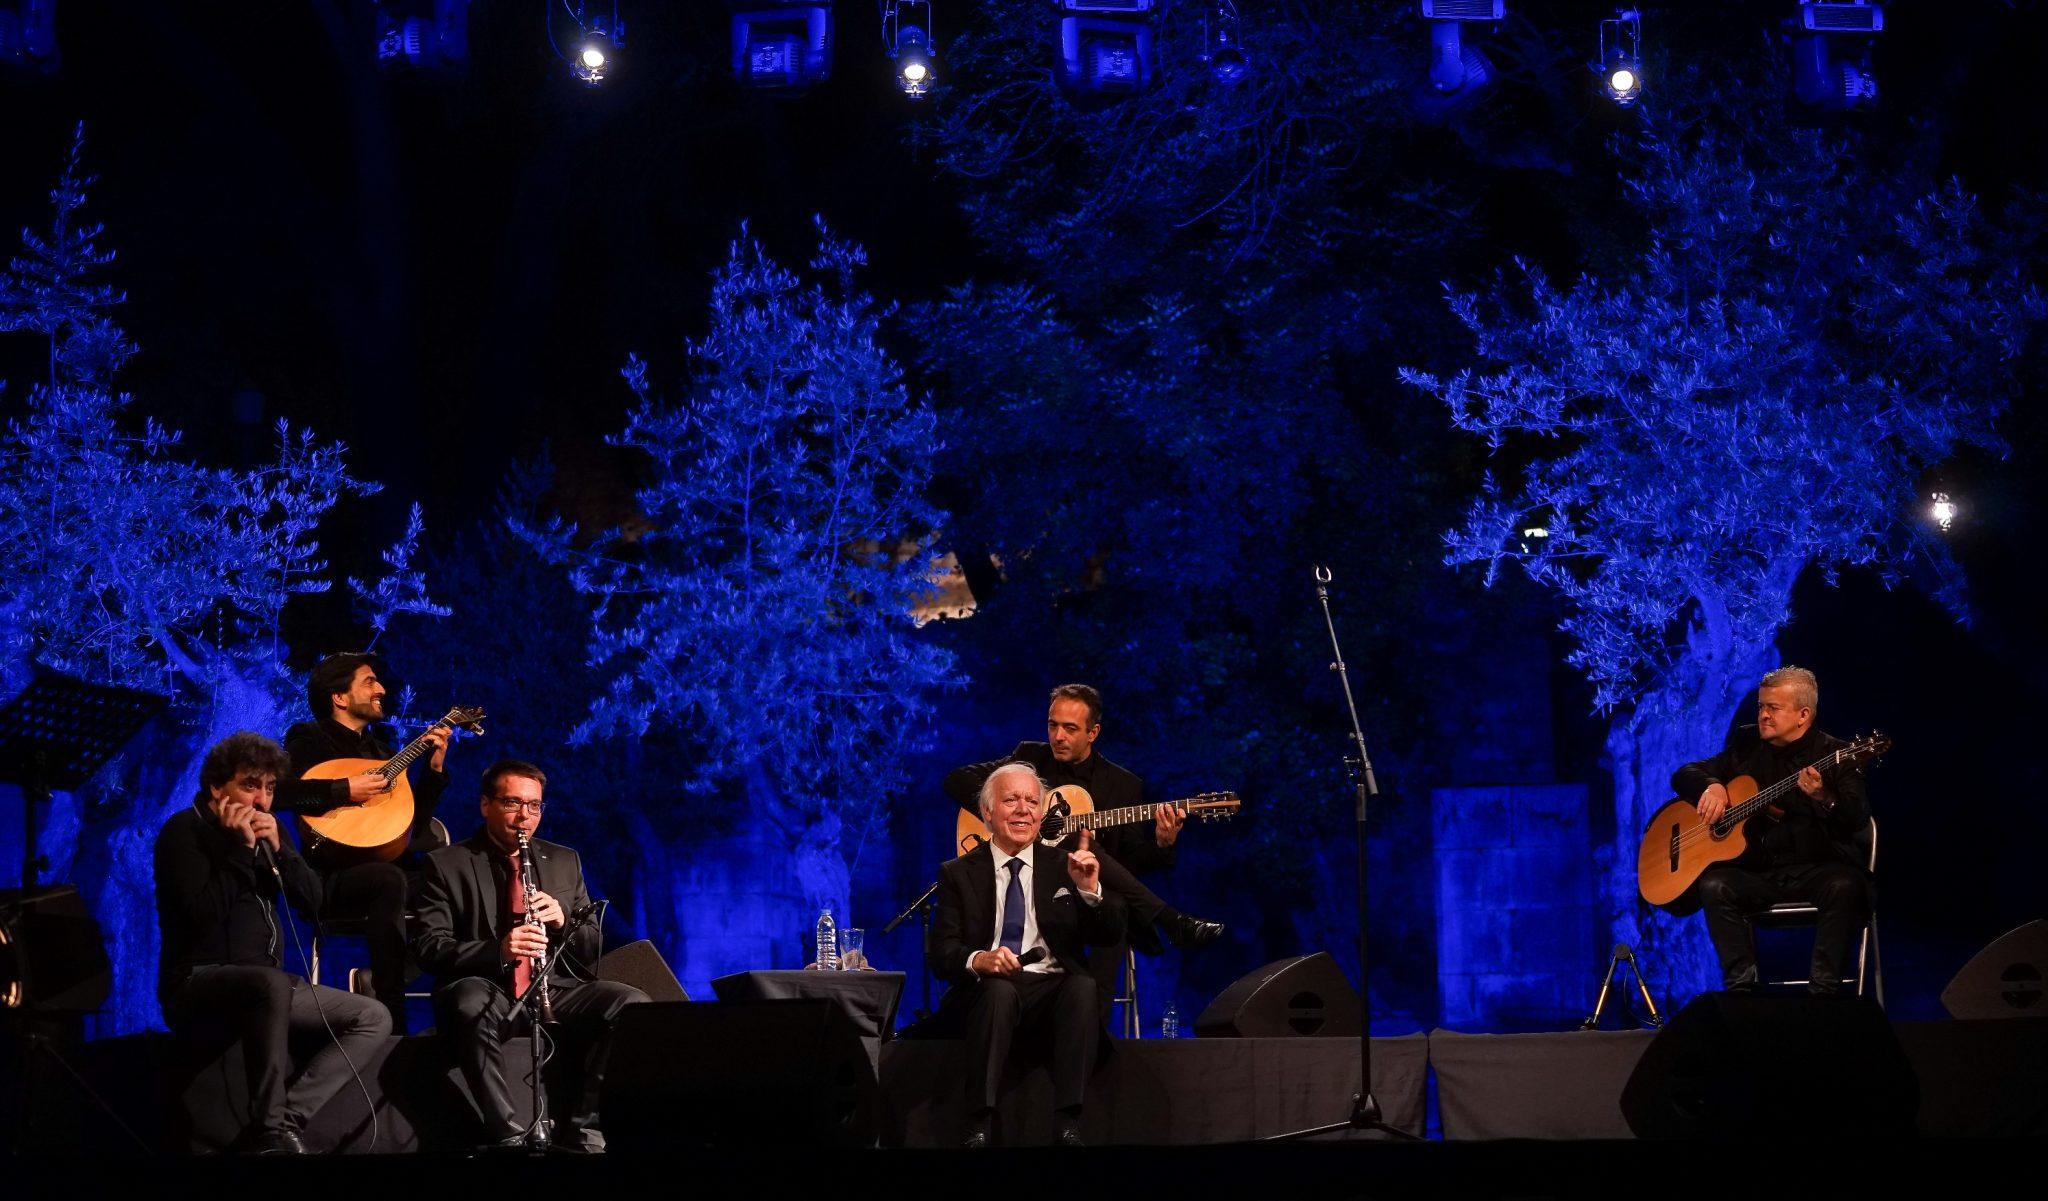 Vista do palco do concerto de Carlos do Carmo, com o fadista ao centro sentado numa cadeira, rodeado pelos músicos à esquerda e à direita. Atrás vêem-se árvores iluminadas por luzes azuis.